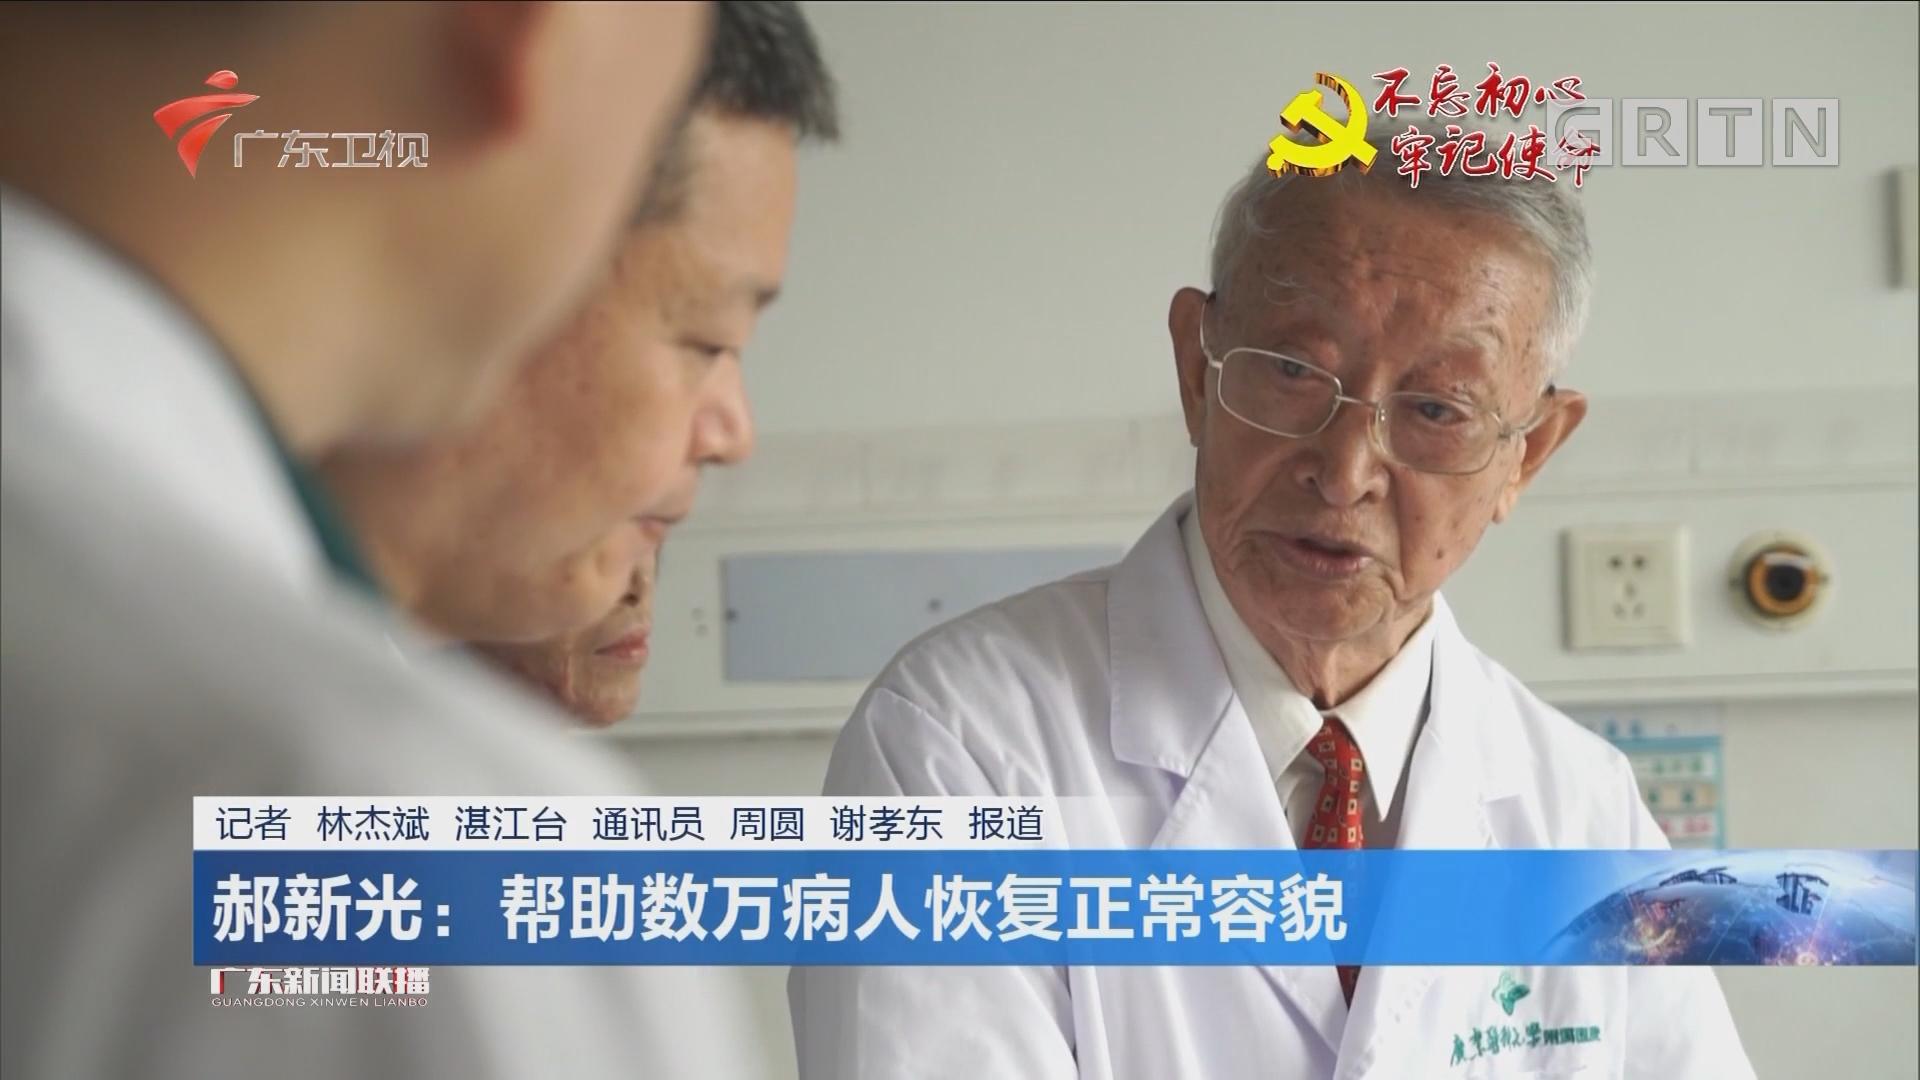 郝新光:帮助数万病人恢复正常容貌